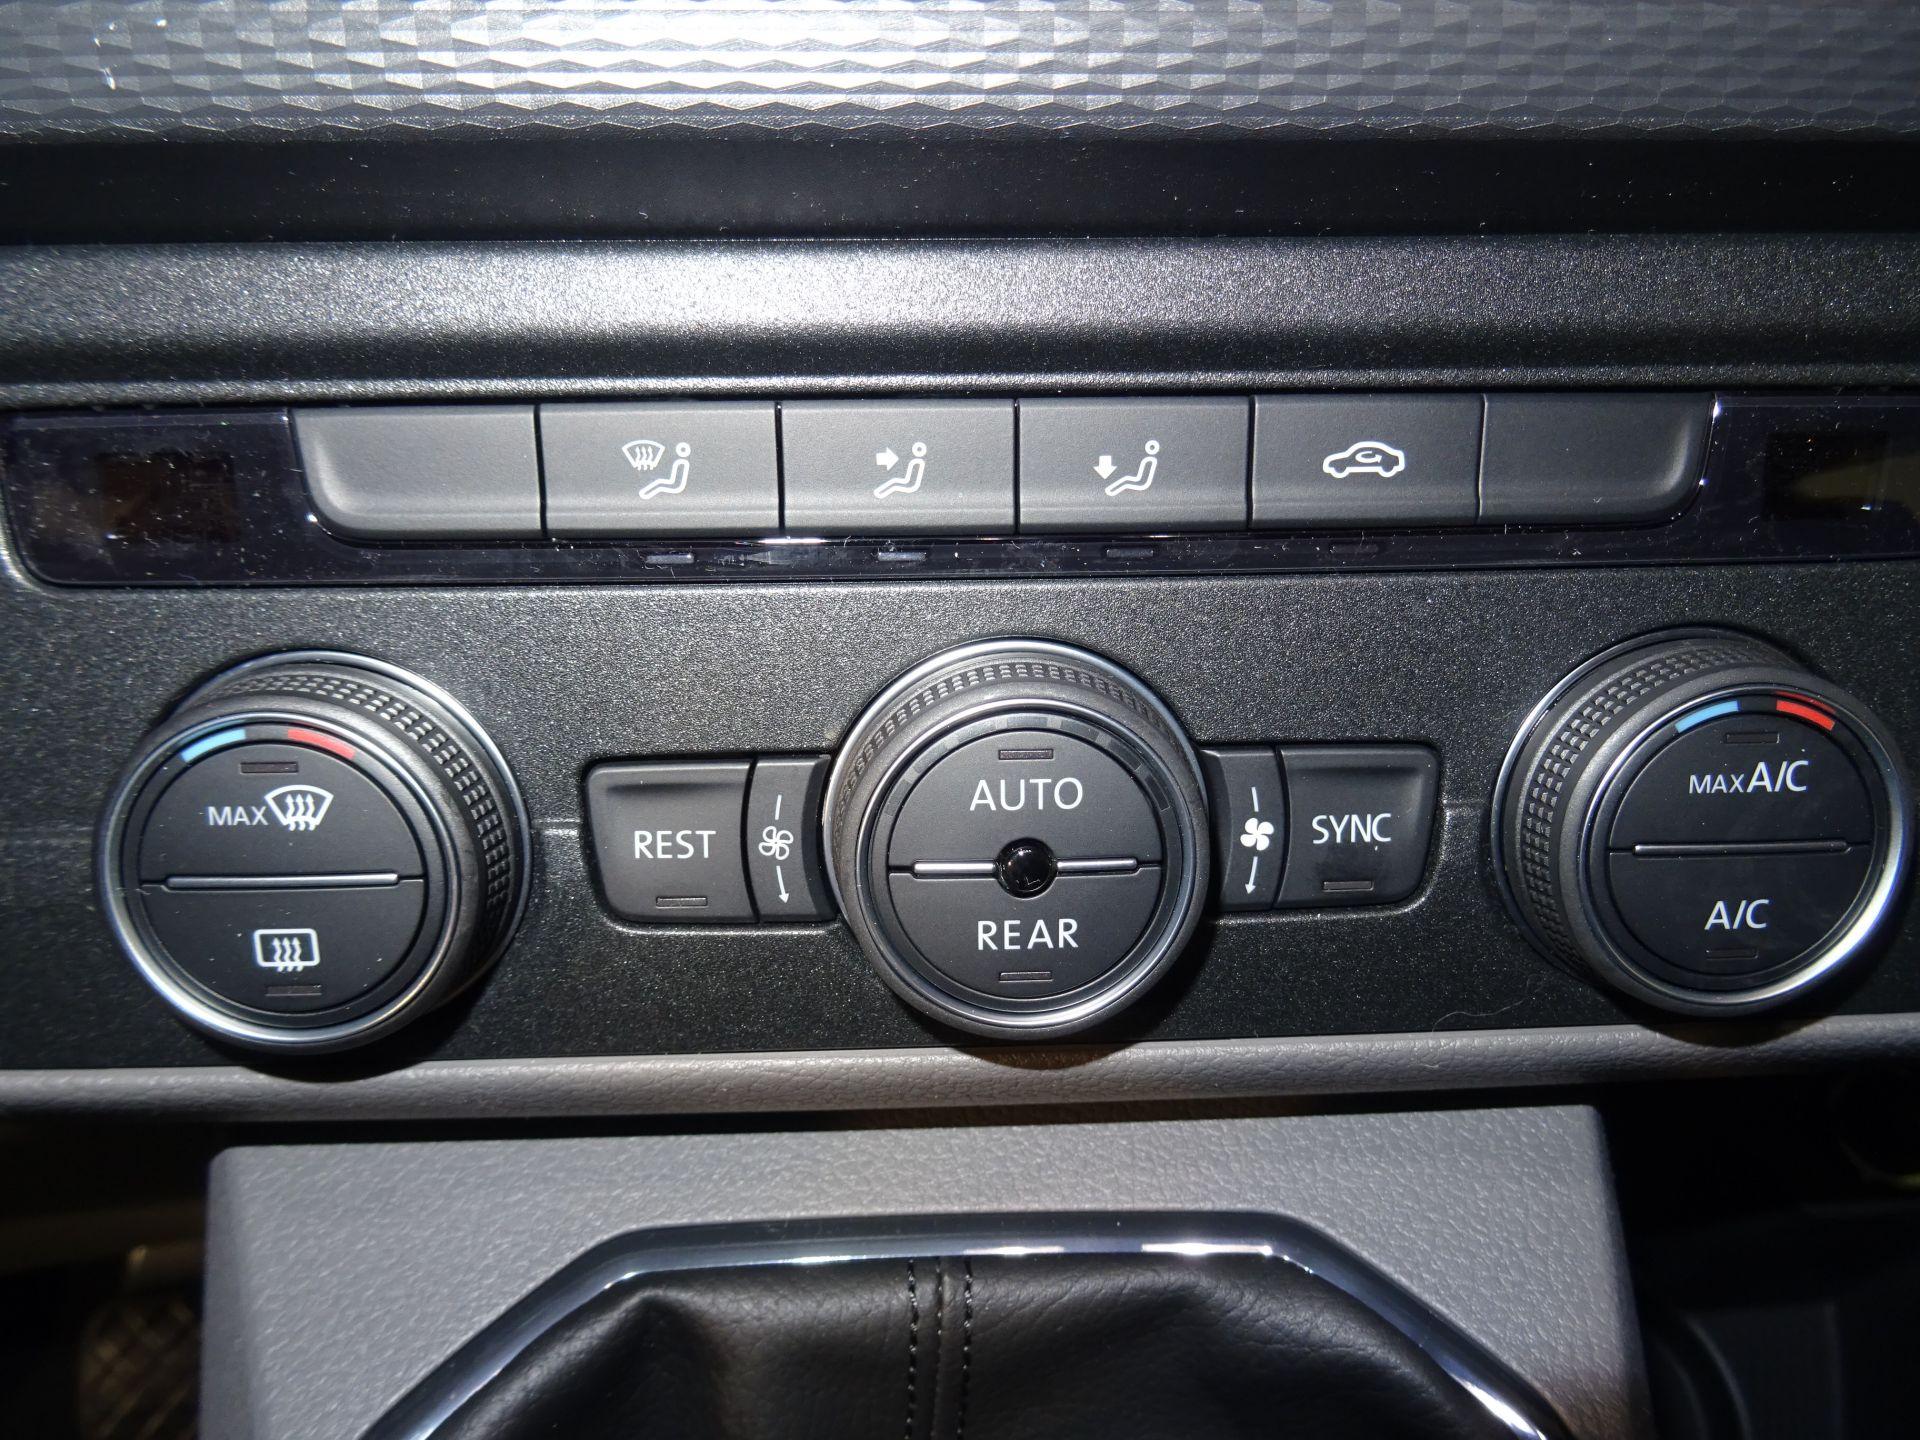 Volkswagen Caravelle Origin Corta 2.0 TDI 81kW (110CV) BMT